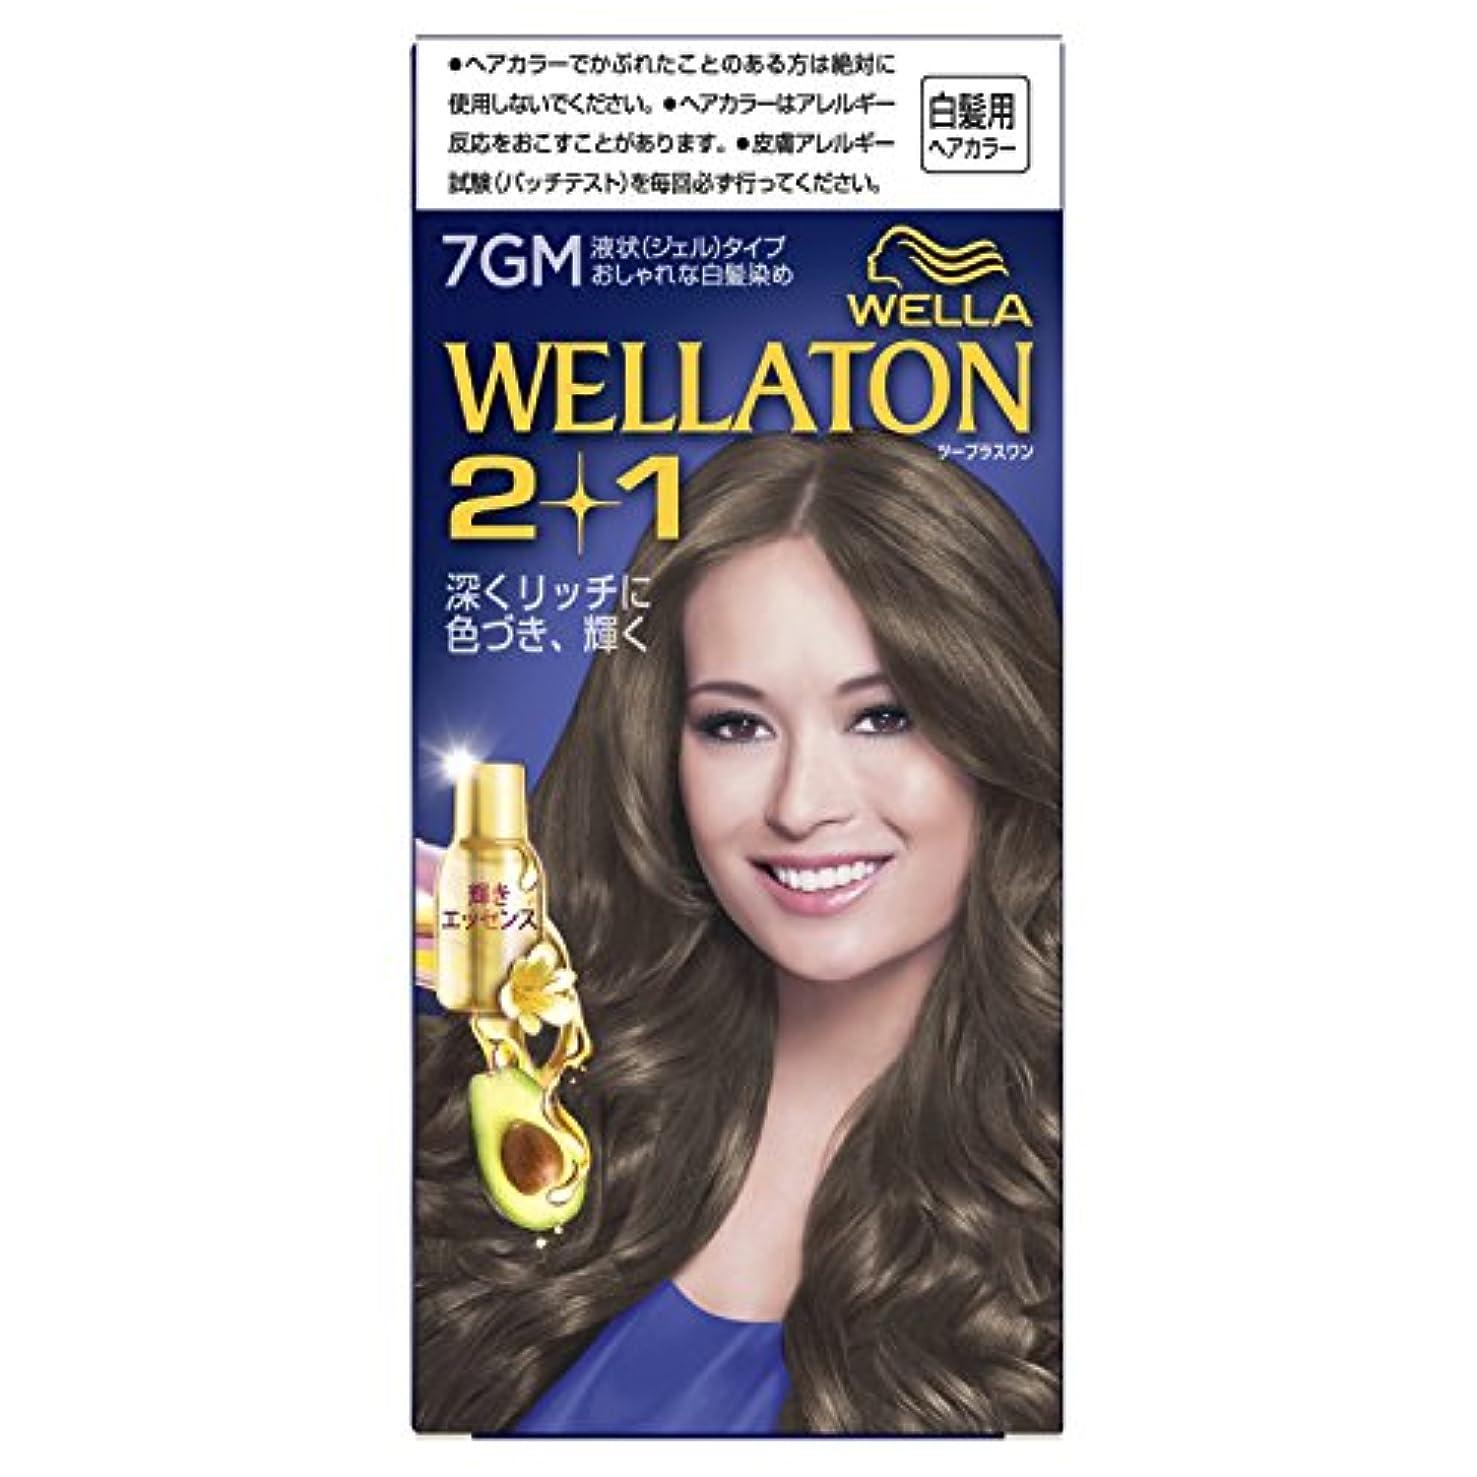 士気卒業記念アルバムに付けるウエラトーン2+1 液状タイプ 7GM [医薬部外品](おしゃれな白髪染め)